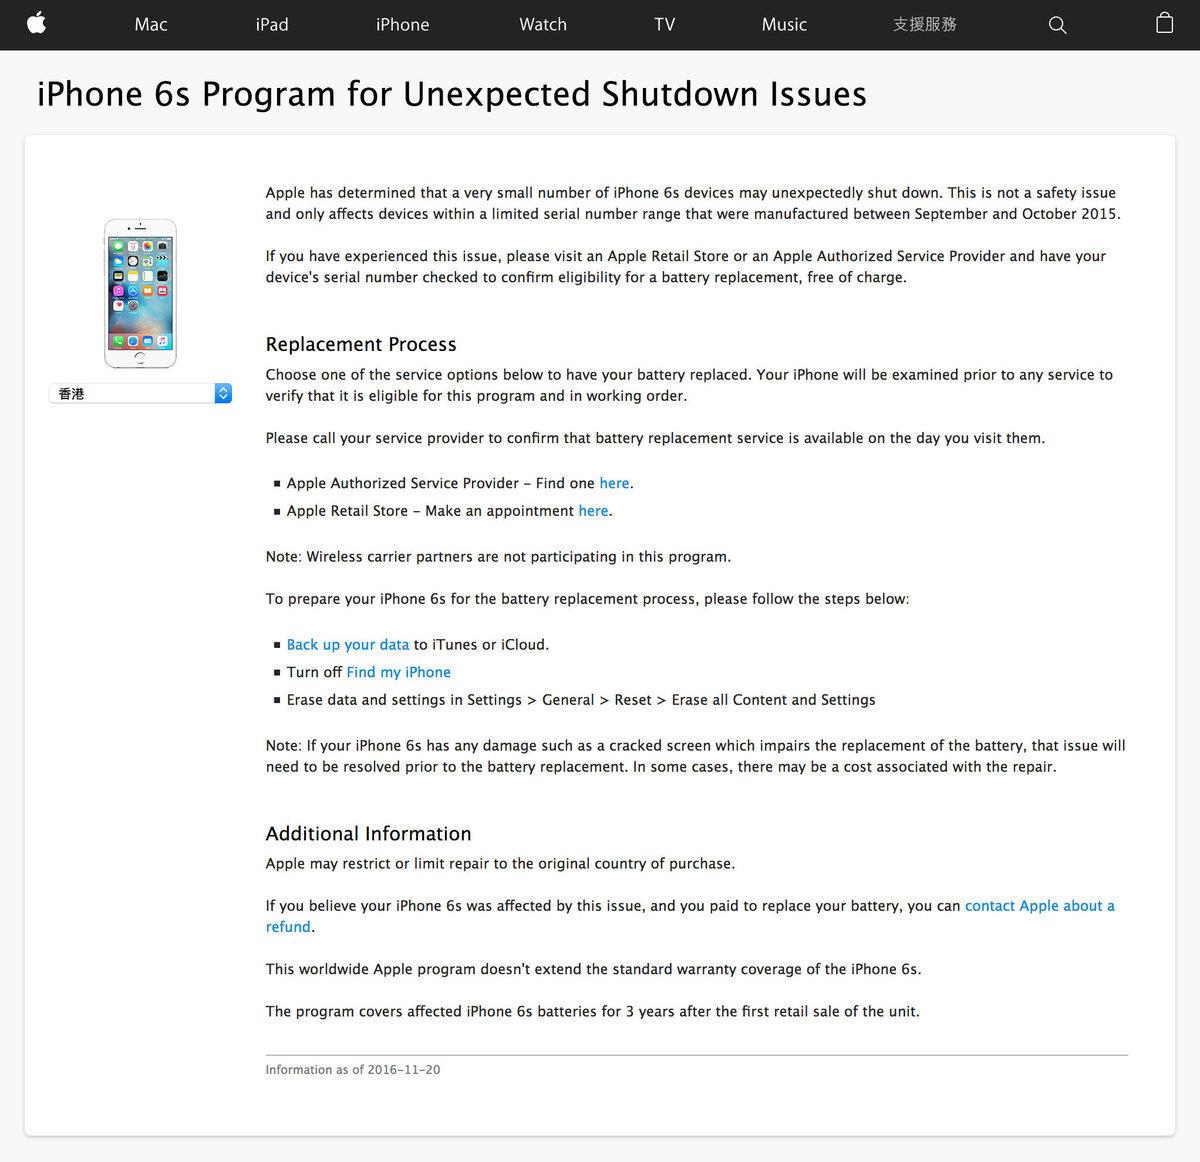 蘋果電腦(Apple)今日(21日)發表聲明指,由於部份批次的iPhone 6s手機出現突然自動關機問題,蘋果由即日起為受影響手機用戶提供免費電池更換服務。(蘋果官方網站)